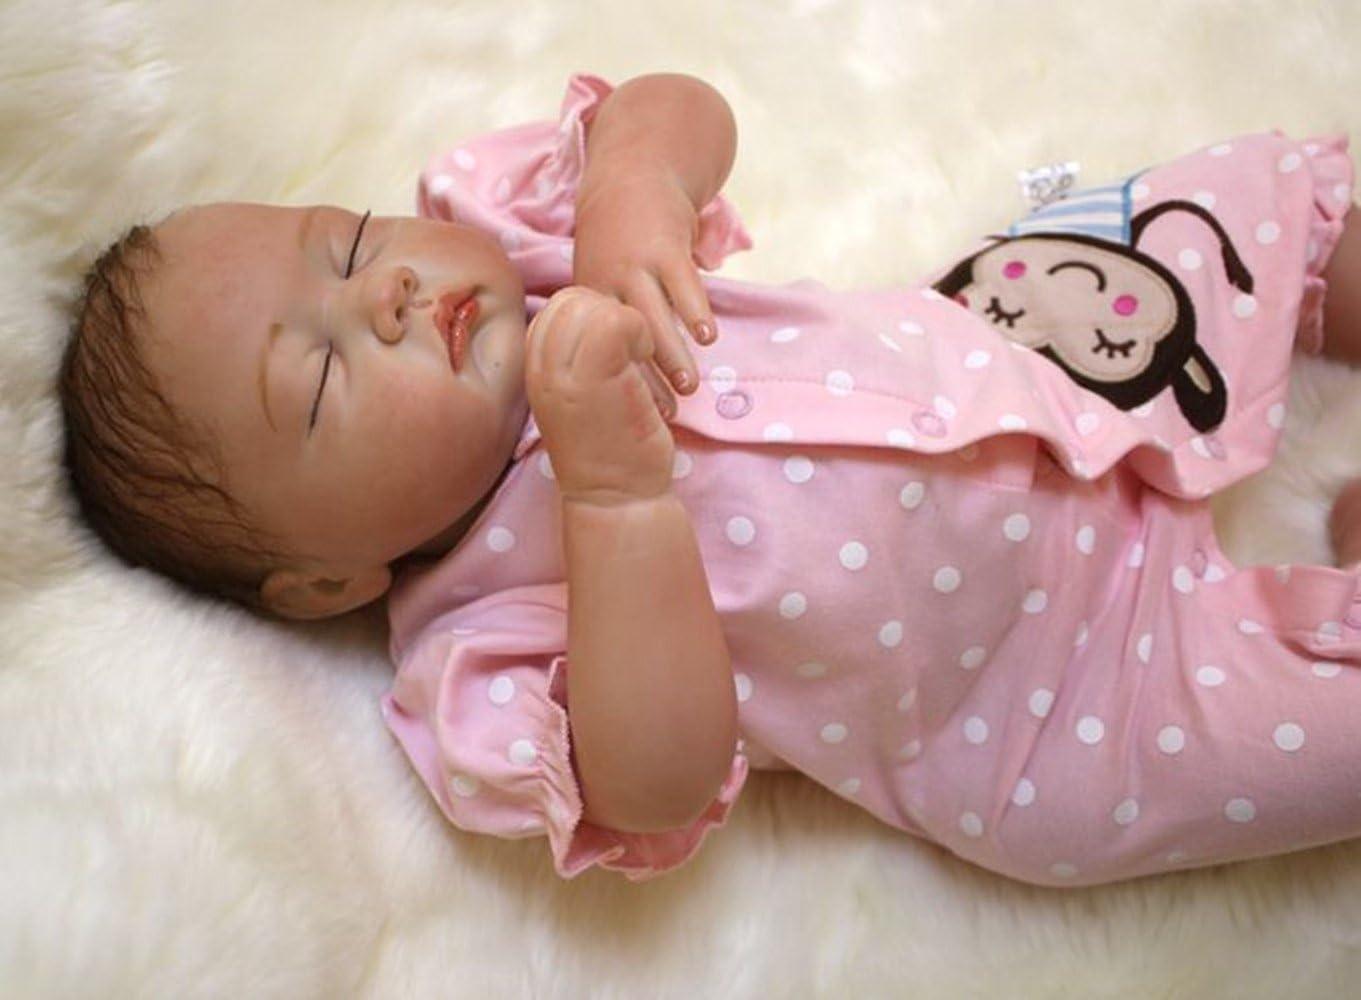 LIDE 20 Pouces 50cm Pas Cher Magnetic Jouets Gift Reborn poupons Poup/ées B/éb/é Baby Dolls Fille Silicone Vinyle